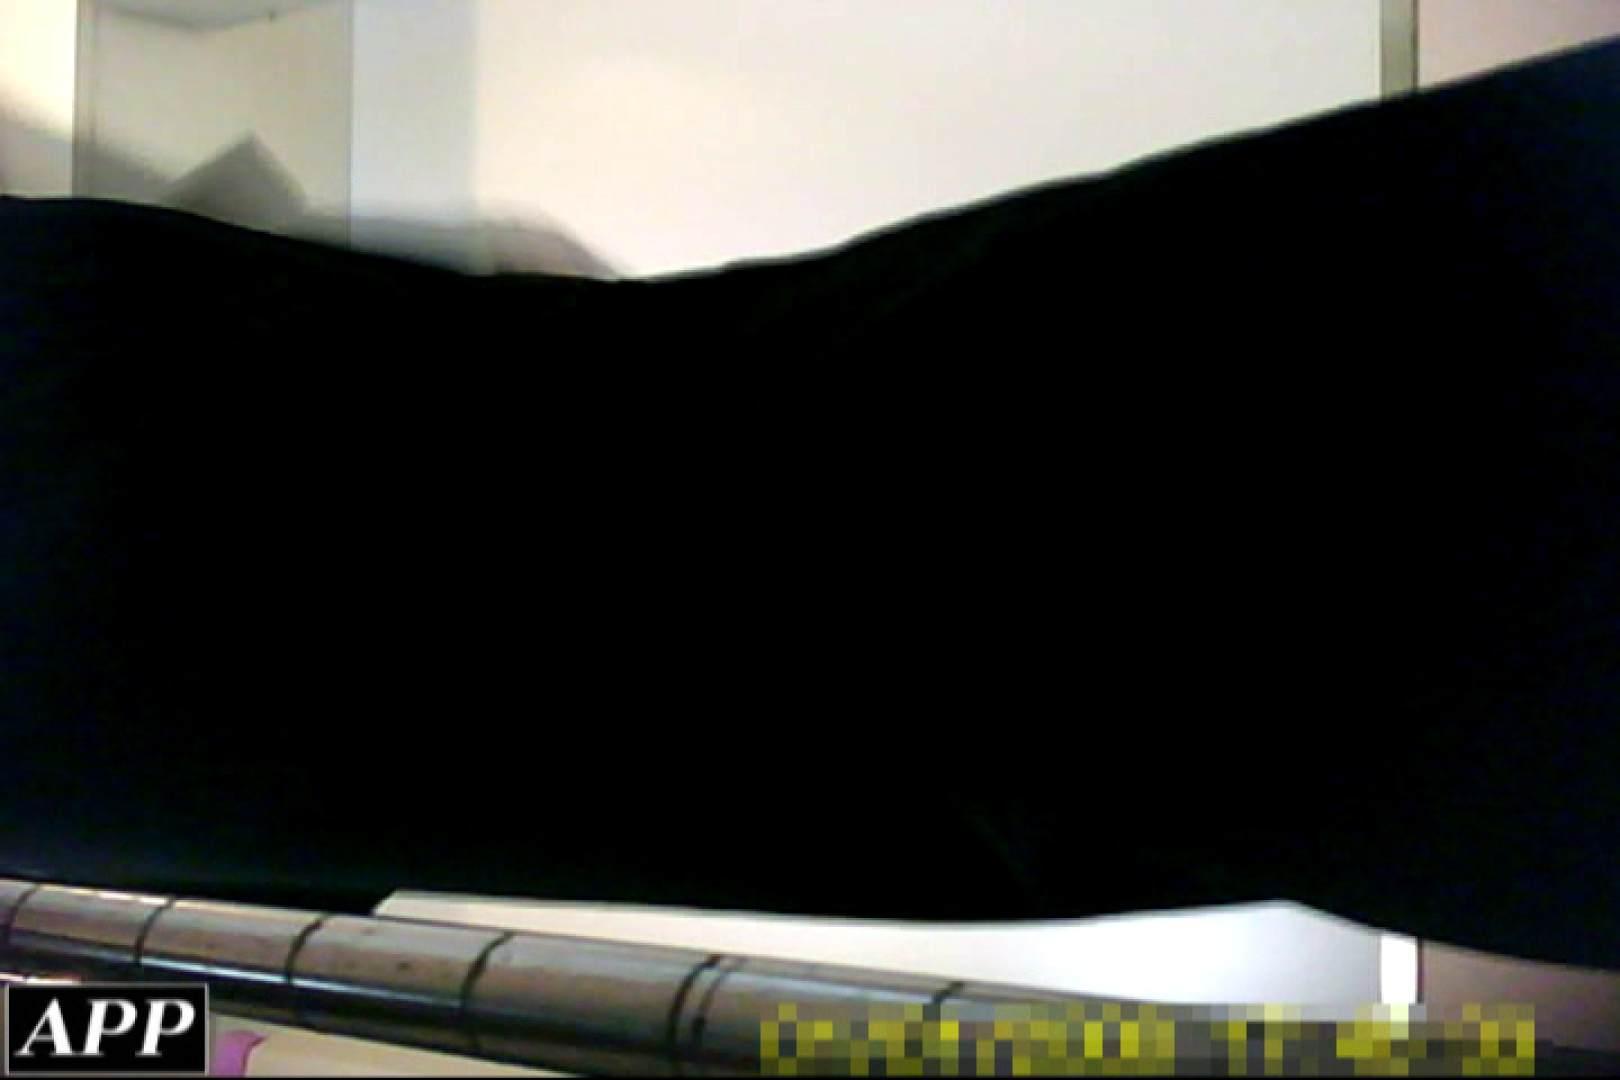 3視点洗面所 vol.84 マンコ アダルト動画キャプチャ 103pic 68